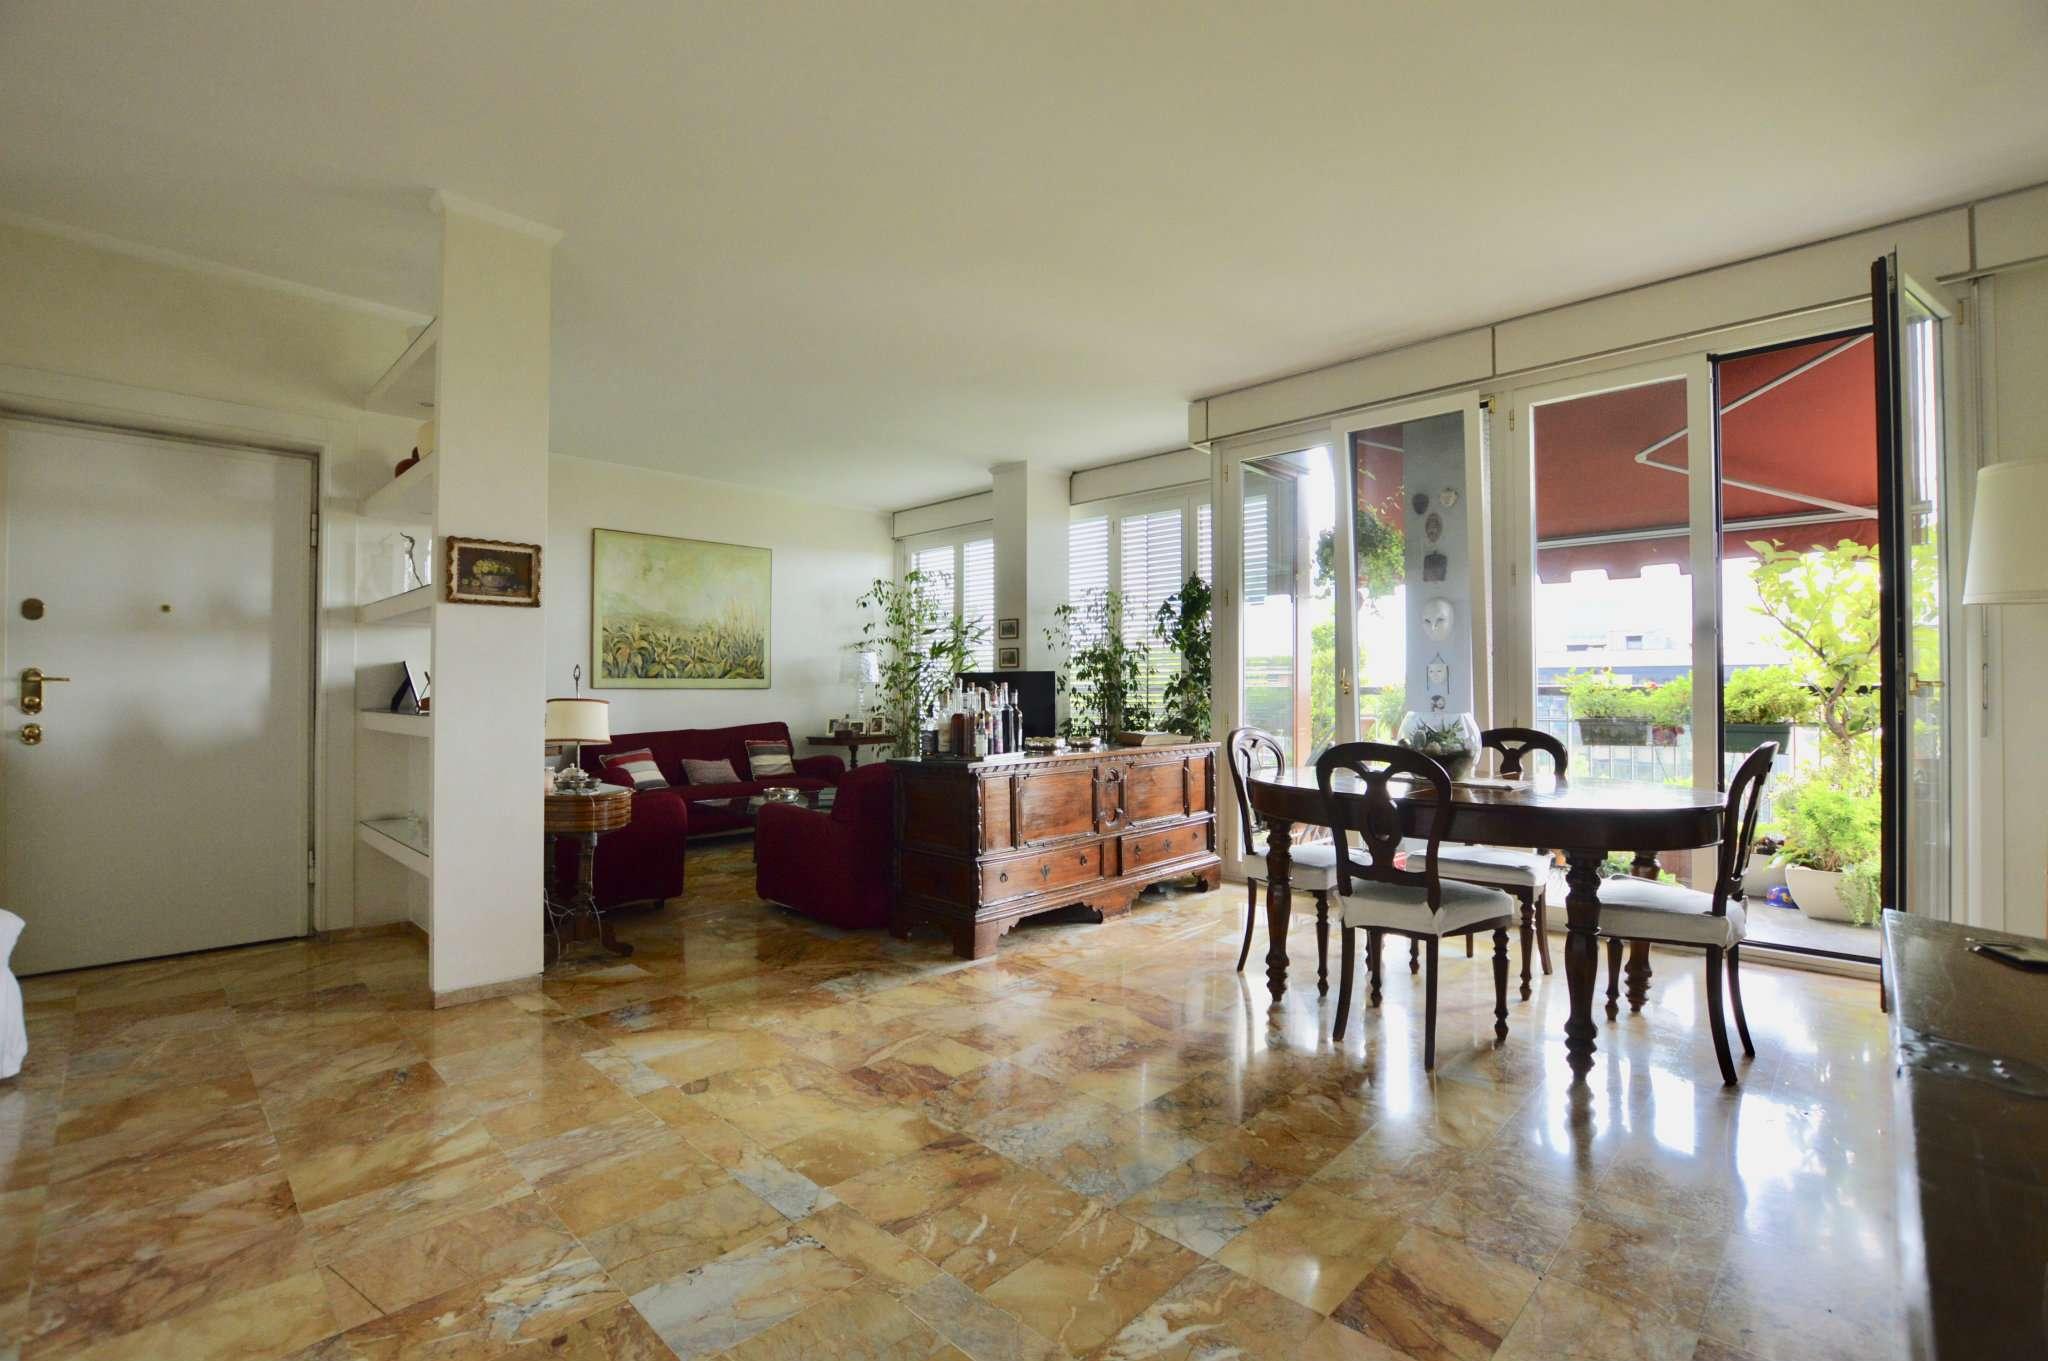 Appartamento in Vendita a Milano 17 Marghera / Wagner / Fiera: 4 locali, 170 mq